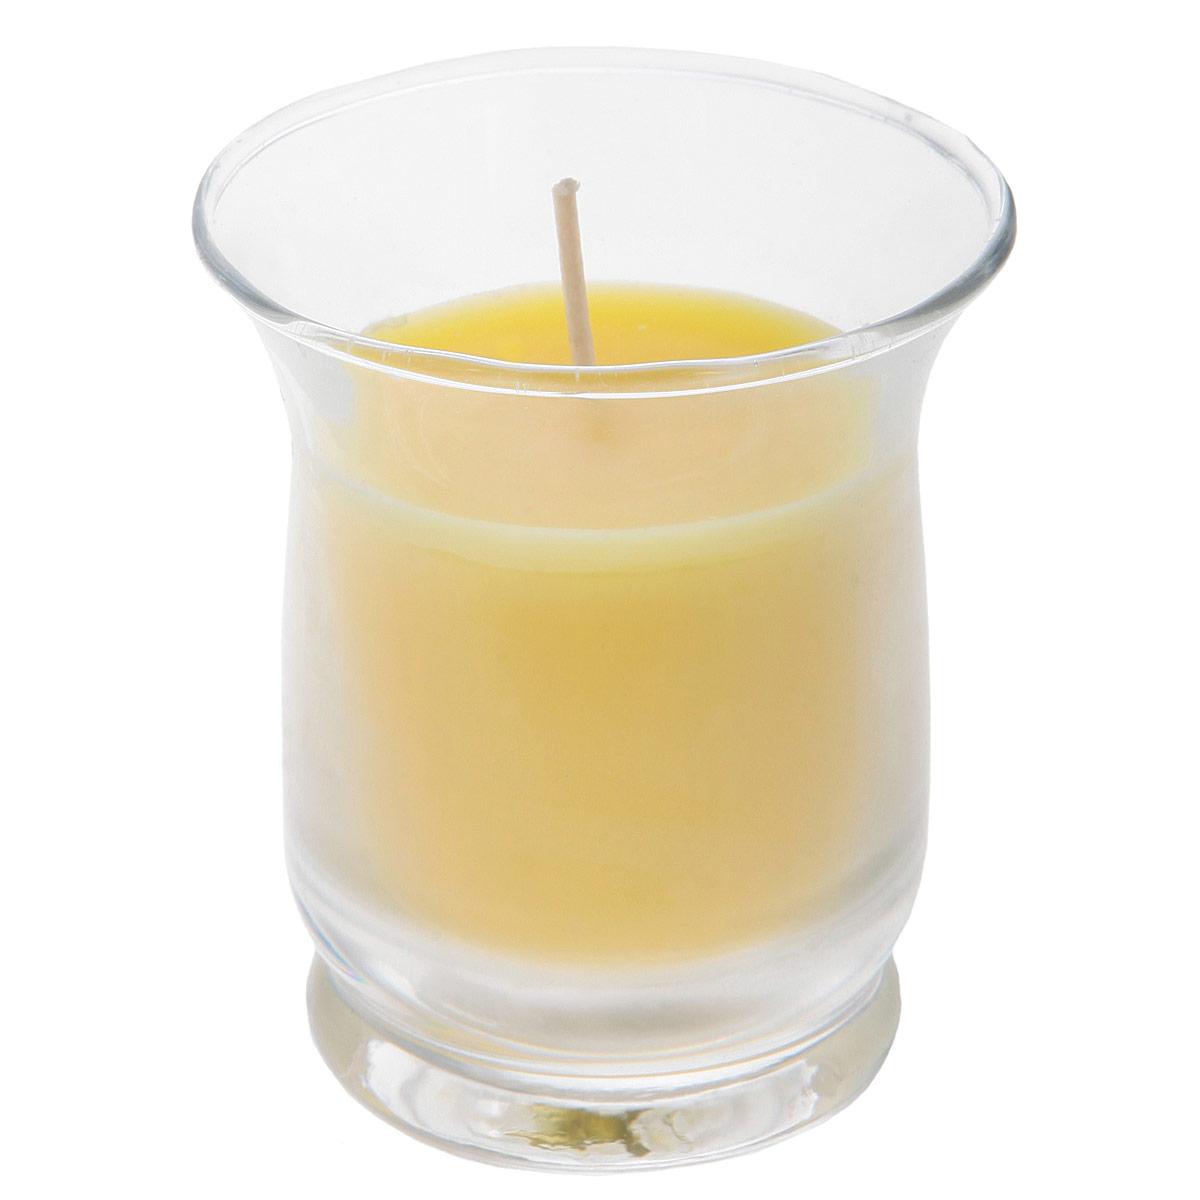 Свеча ароматизированная Sima-land Романтика, высота 7 см849617Ароматизированная свеча Sima-land Романтика изготовлена из воска и расположена в стеклянном стакане. Изделие отличается оригинальным дизайном и приятным фруктовым ароматом. Такая свеча может стать отличным подарком или дополнить интерьер вашей комнаты.